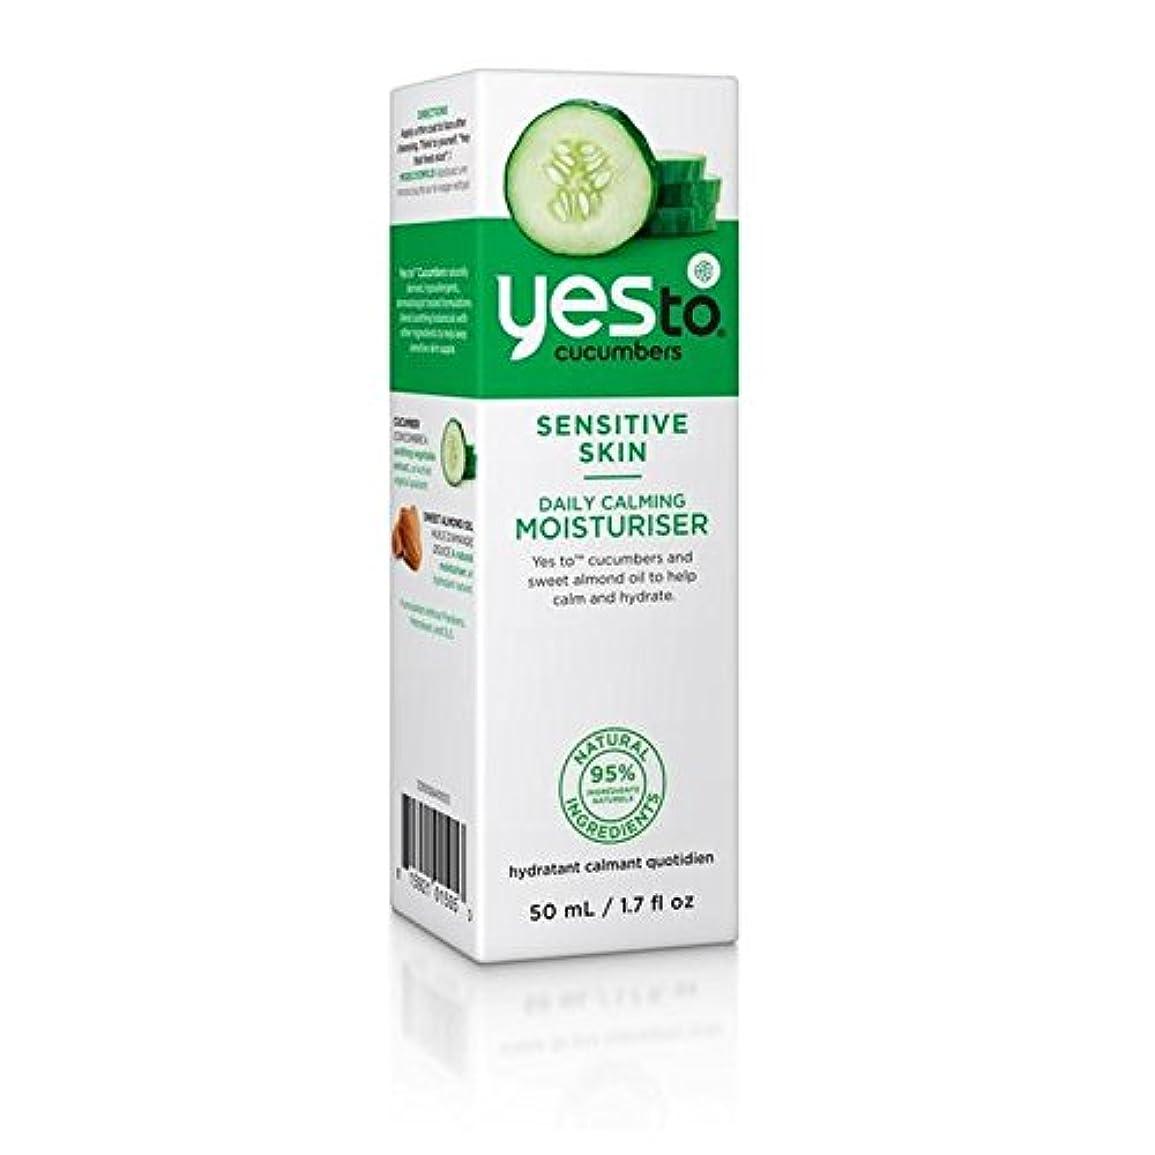 若者一回累計はいキュウリ保湿50ミリリットルへ x2 - Yes to Cucumbers Moisturiser 50ml (Pack of 2) [並行輸入品]